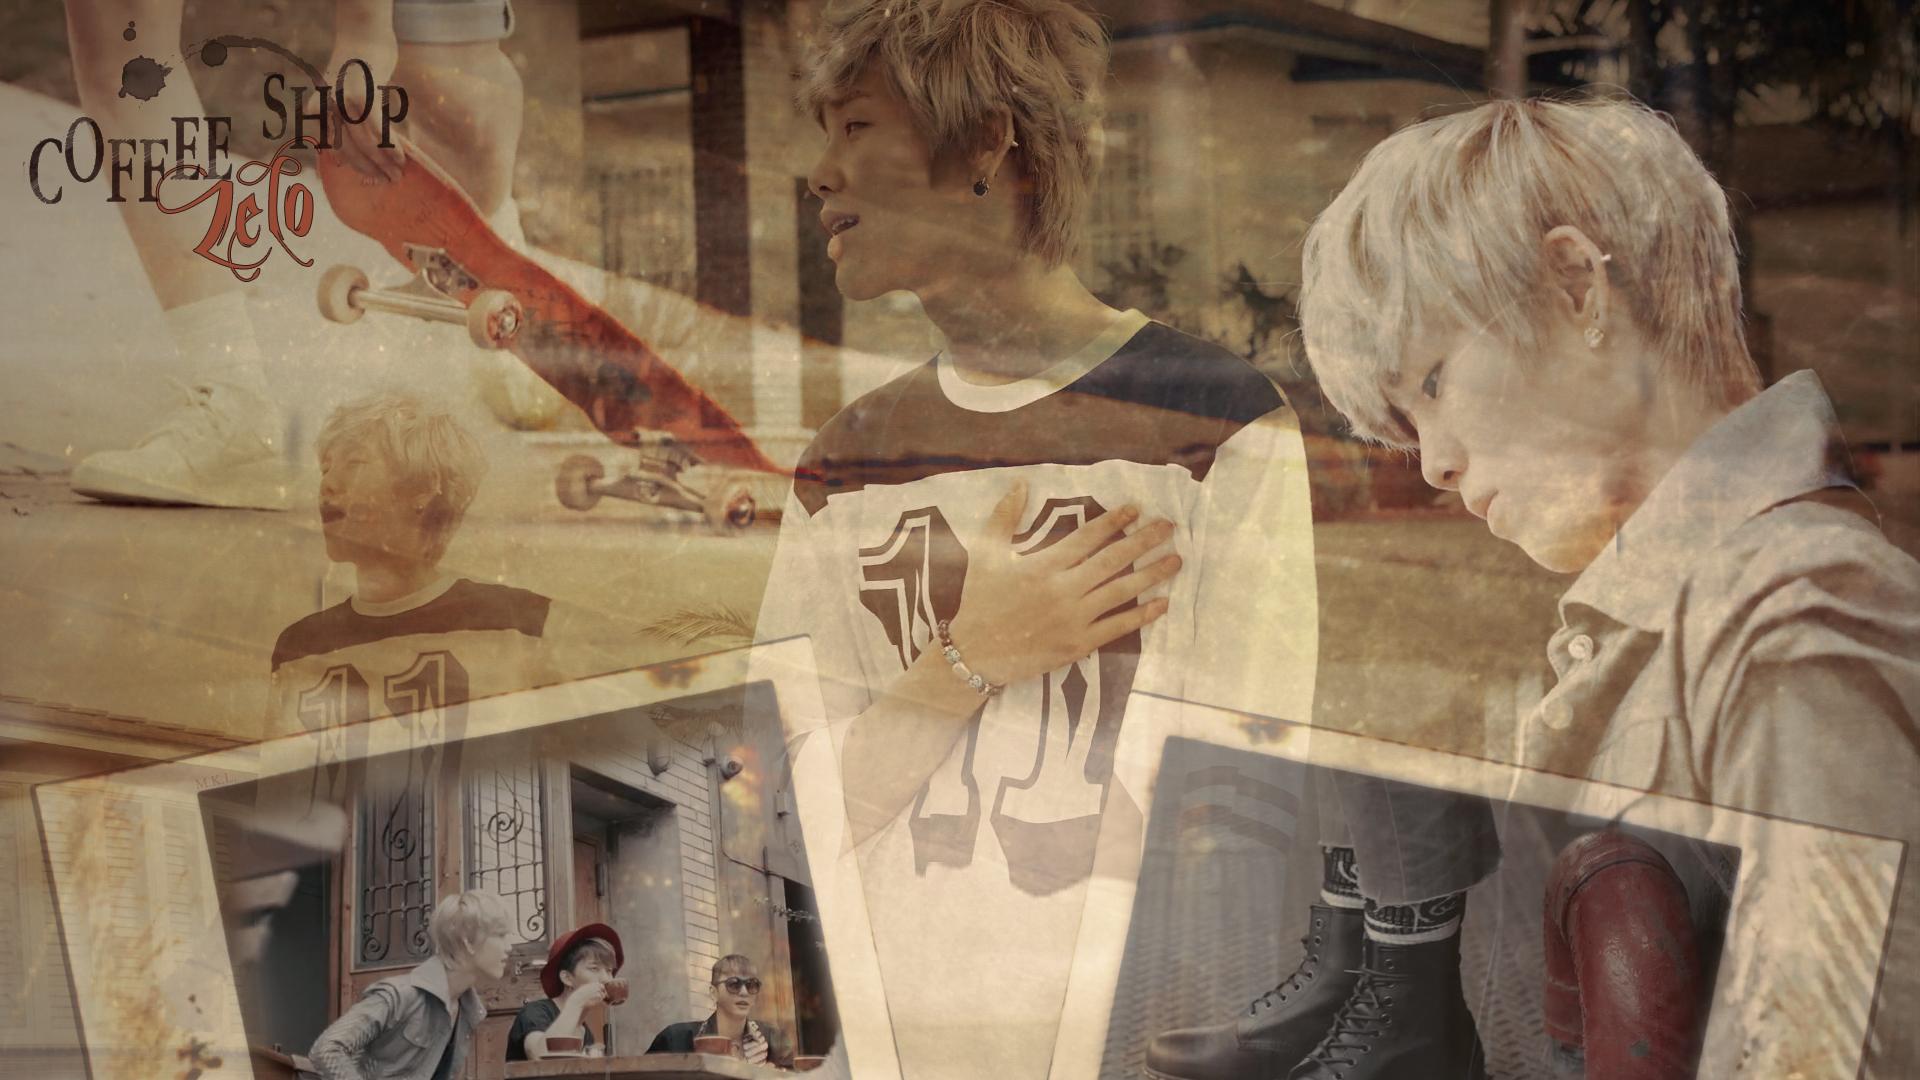 Coffee Shop - Zelo - B.A.P Wallpaper (34873201) - Fanpop